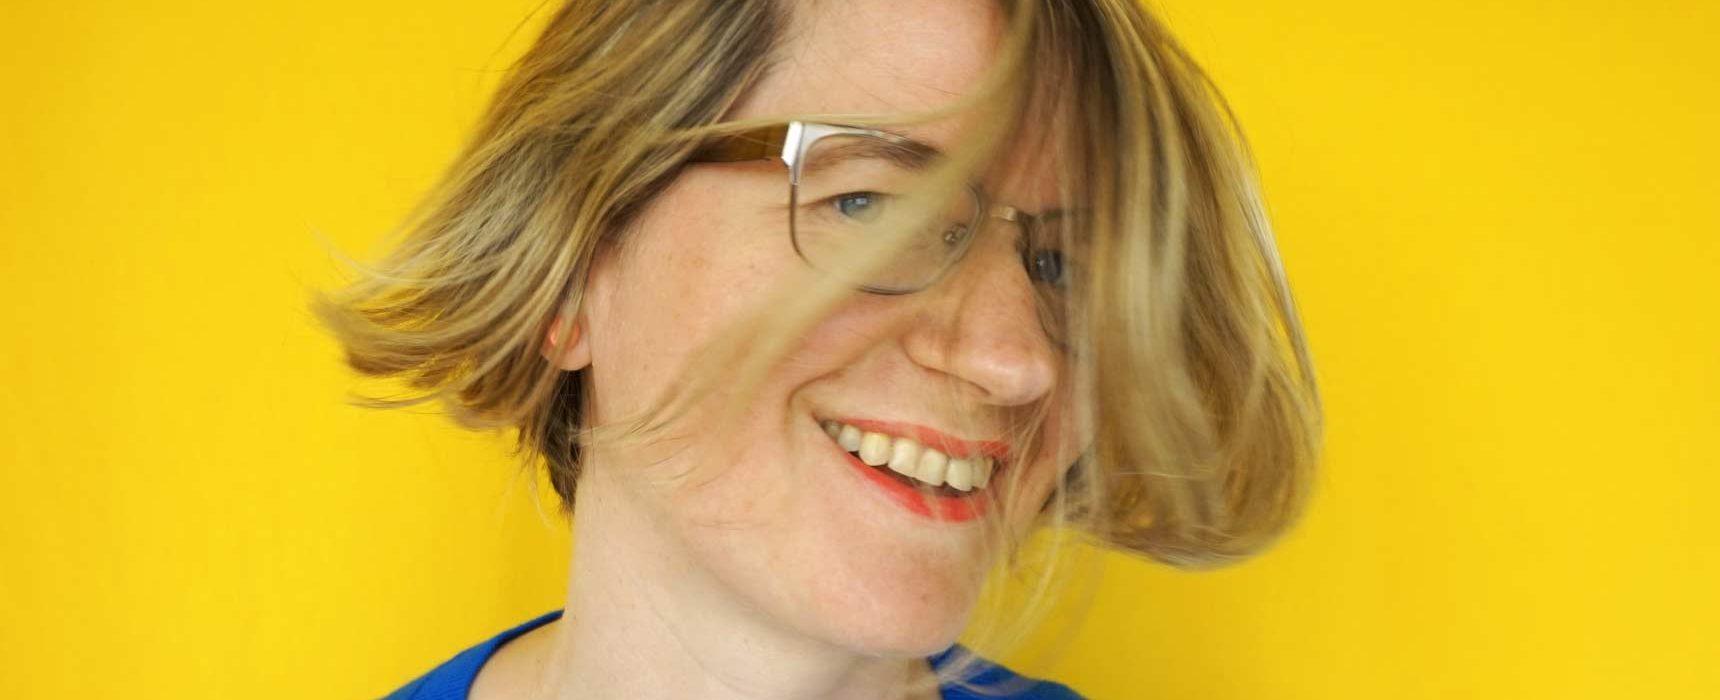 www.detail-verliebt.de: Wie Du eine DIY Haarpflege Routine für kräftiges, glänzendes Haar aufbauen kannst, zeige ich Dir im Beitrag: minimalistisch, DIY, verpackungsfrei und ganz ohne konventionelle Haarpflegeprodukte. #diykosmetik #kosmetikselbermachen #haarpflege #diyhaarpflege